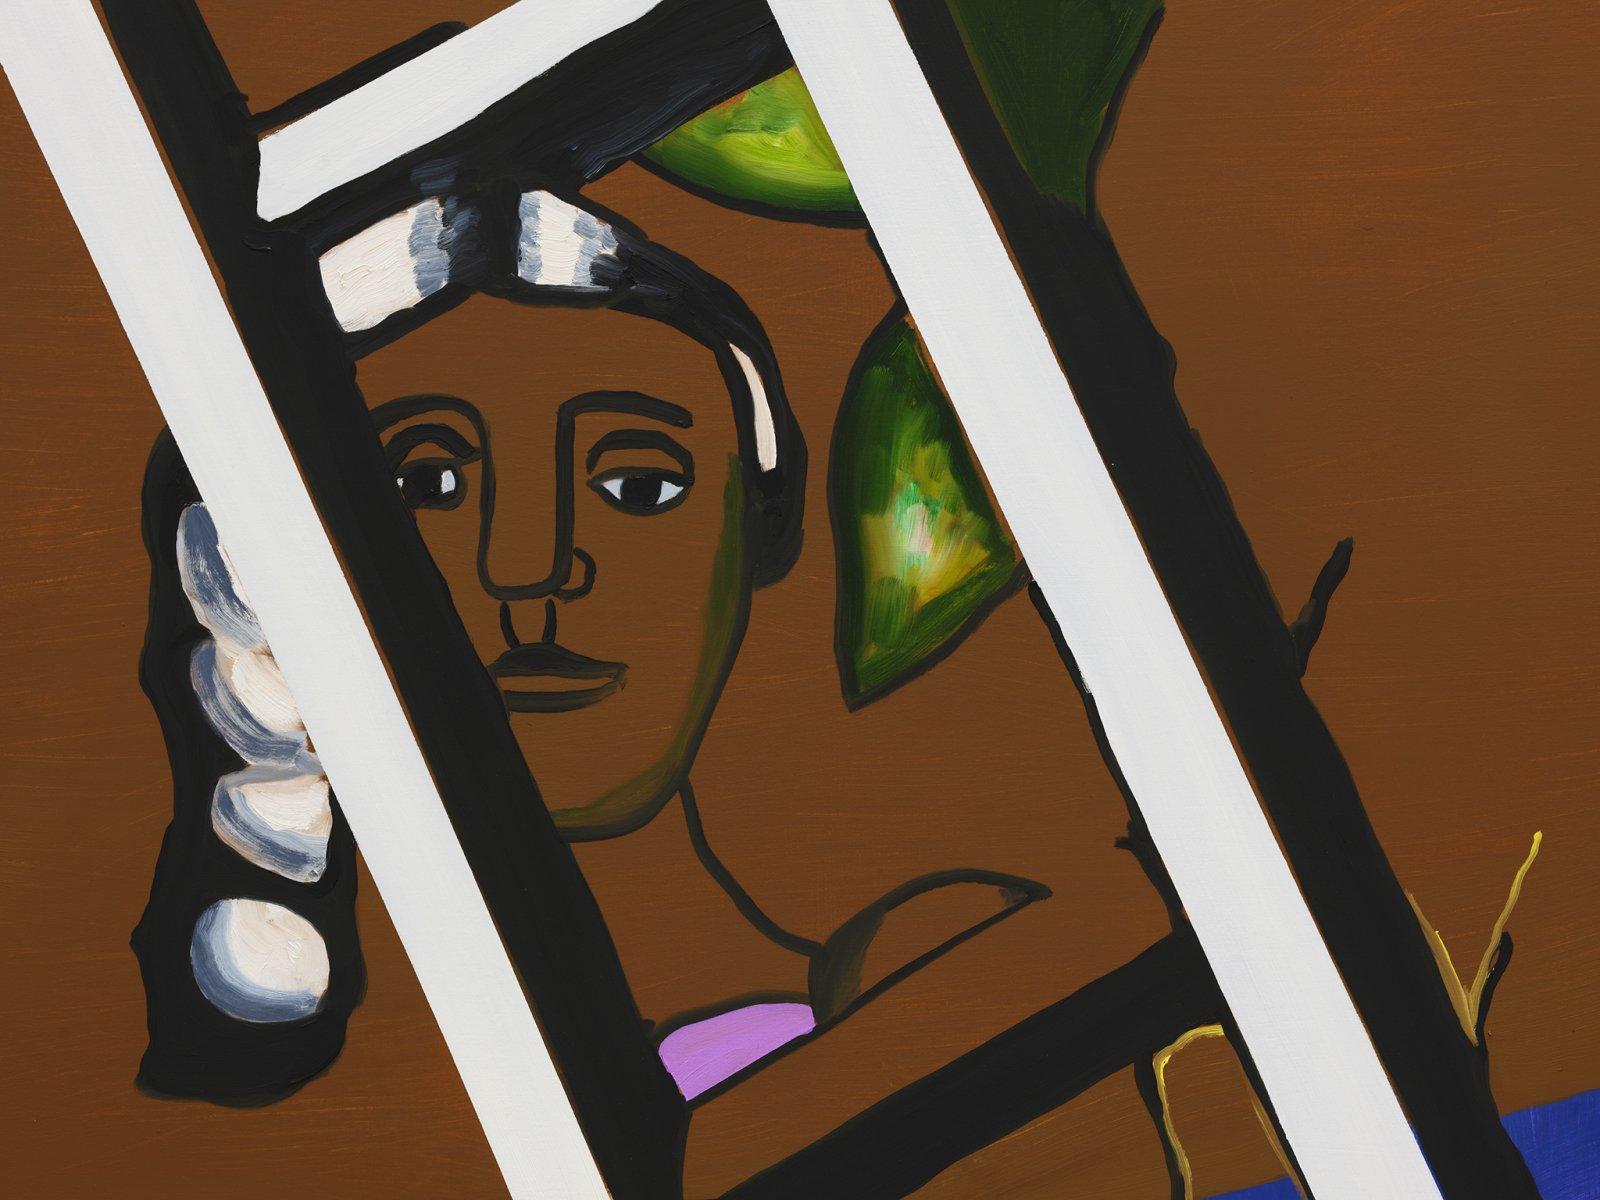 Elizabeth McIntosh, High (detail), 2020, oil on canvas, 81 x 59 in. (206 x 149 cm) by Elizabeth McIntosh